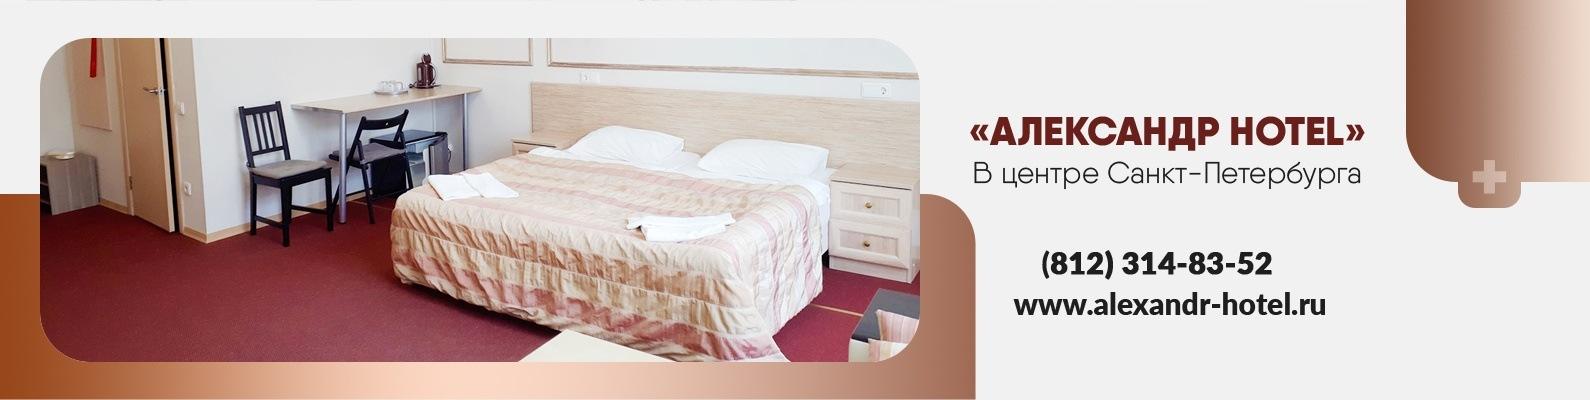 мини-отель аксимарис спб официальный сайт